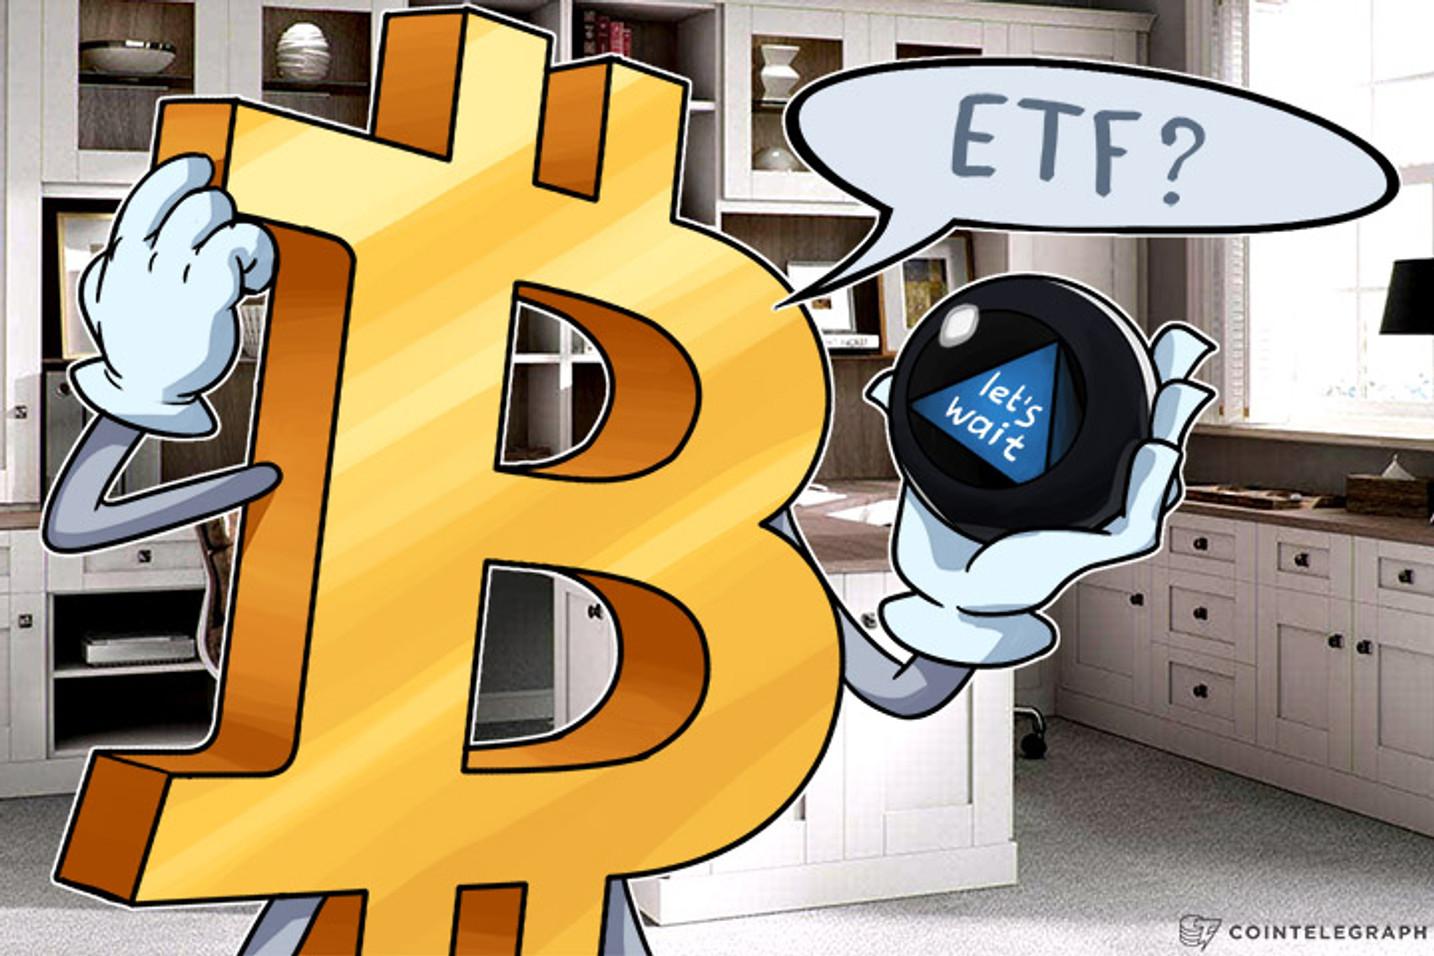 SEC pode ainda aprovar ETFs e esperar por mais estabilidade: Advogado